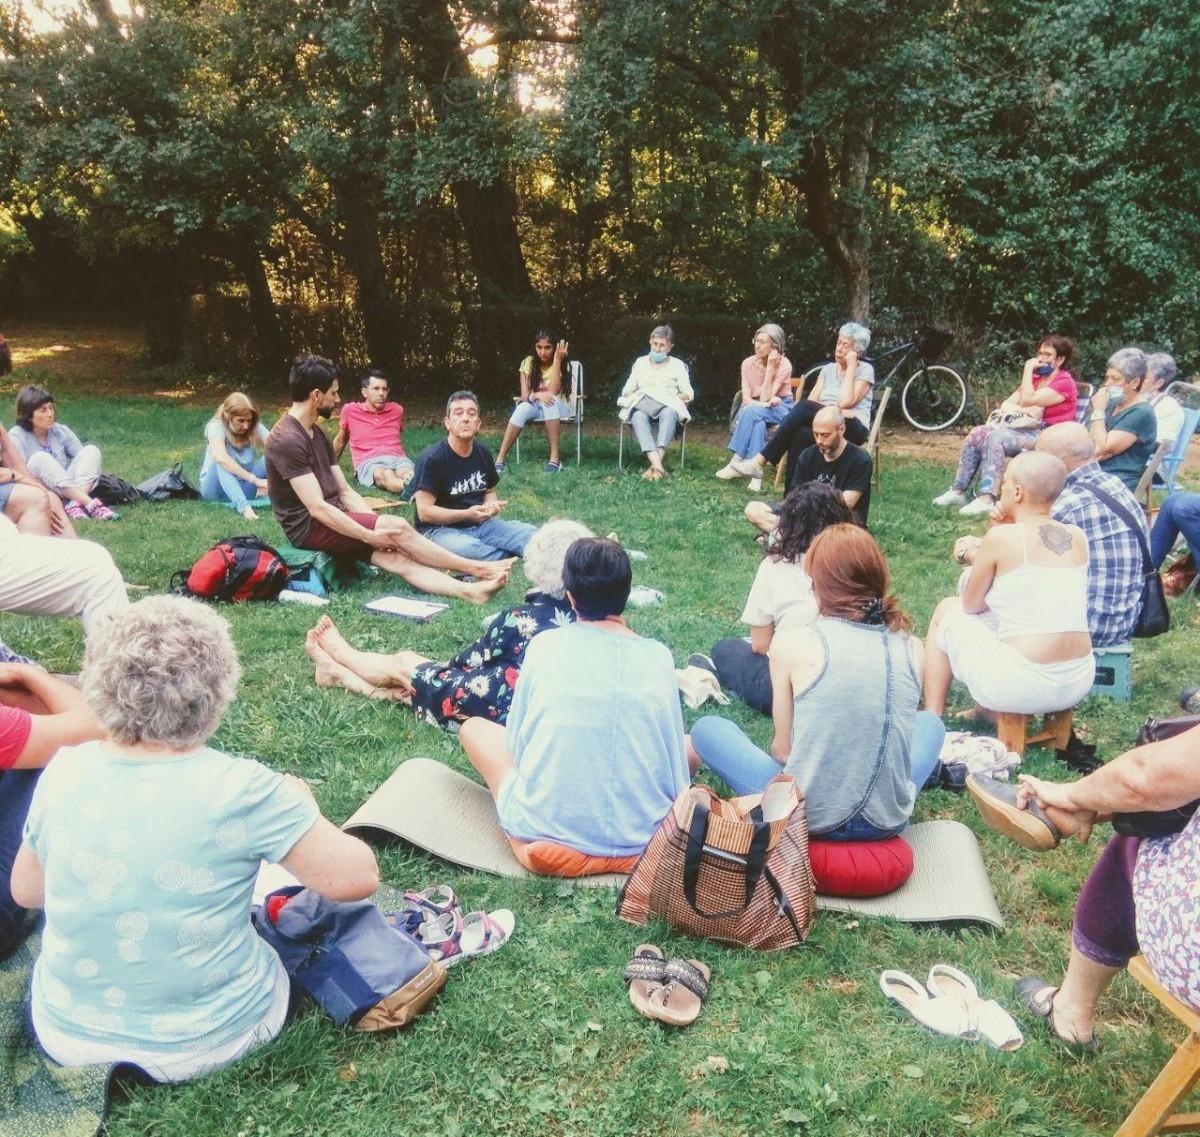 Un moment de la trobada del passat divendres al Parc Nou d'Olot.